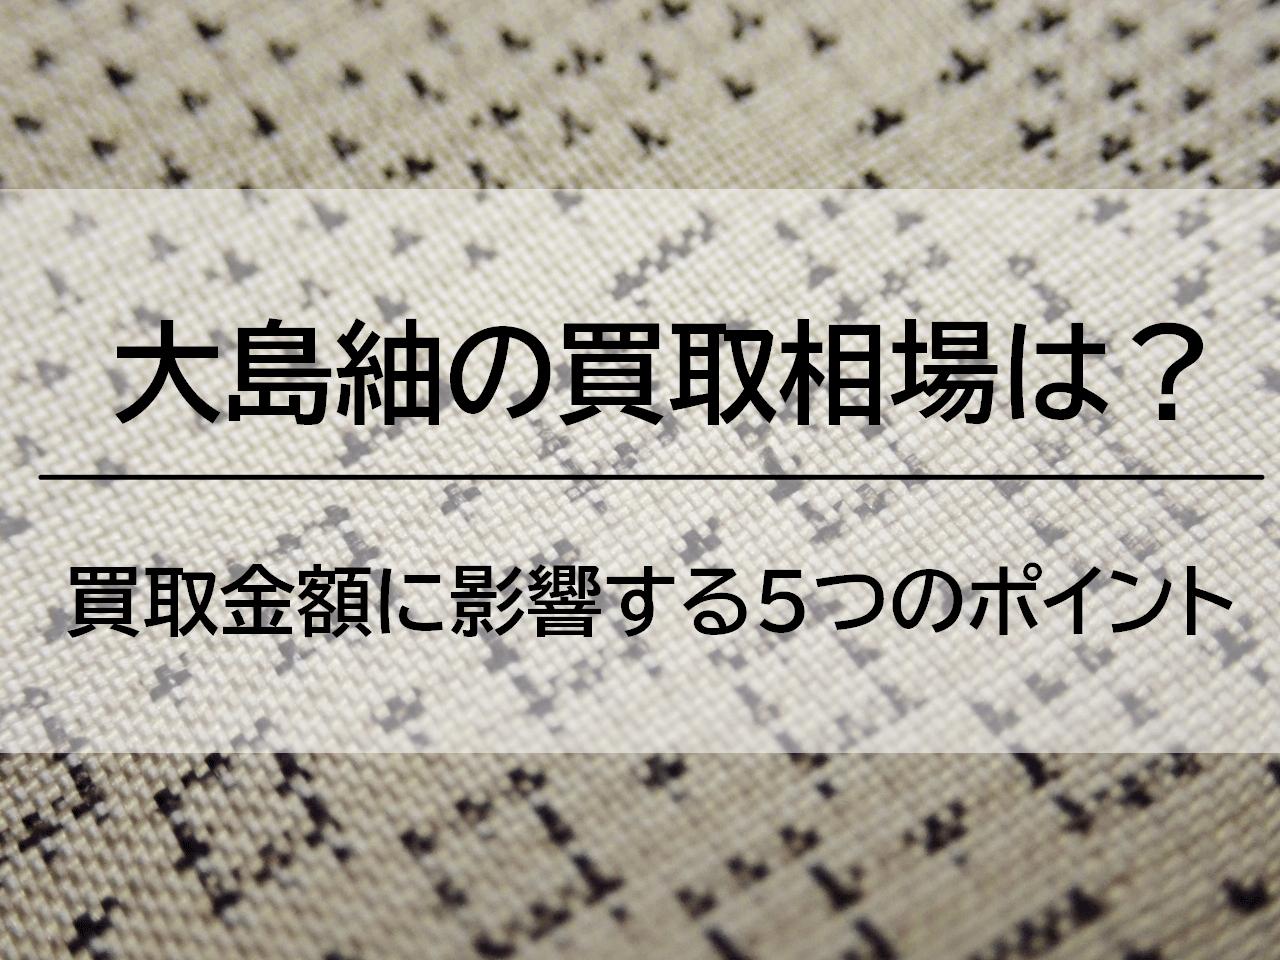 大島紬の値段の相場は20万円?大島紬の買取で損しないためのポイントを解説